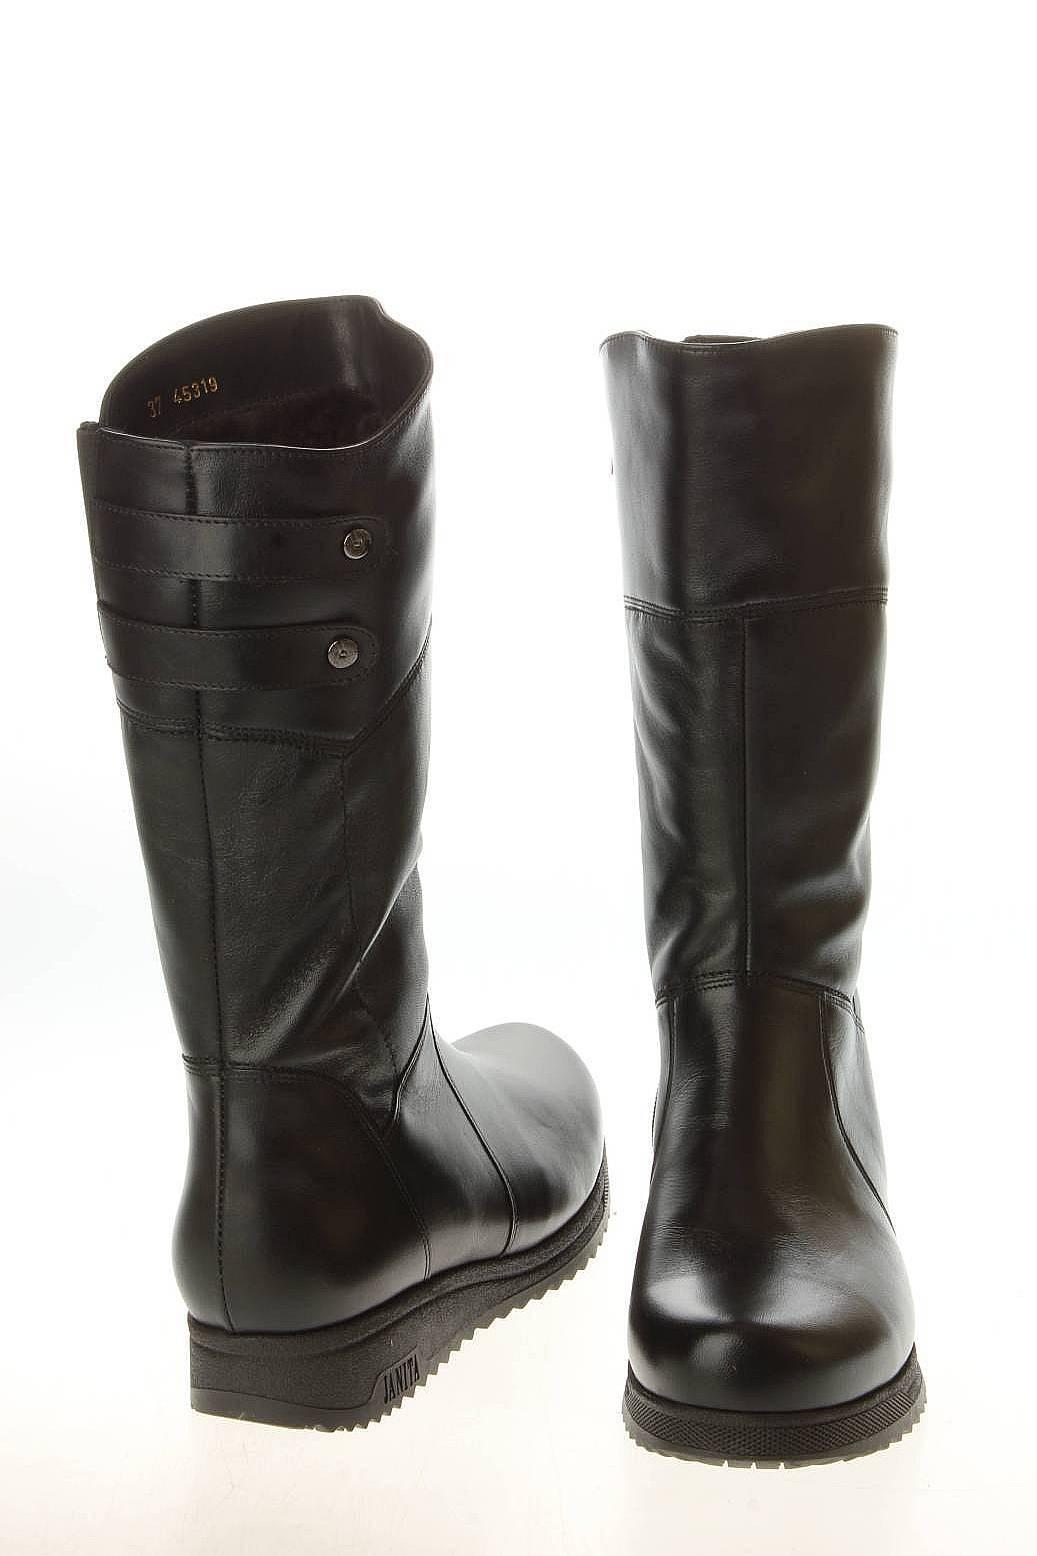 Мужская Обувь Детская Обувь Женская Обувь Полусапоги: Janita Обувь